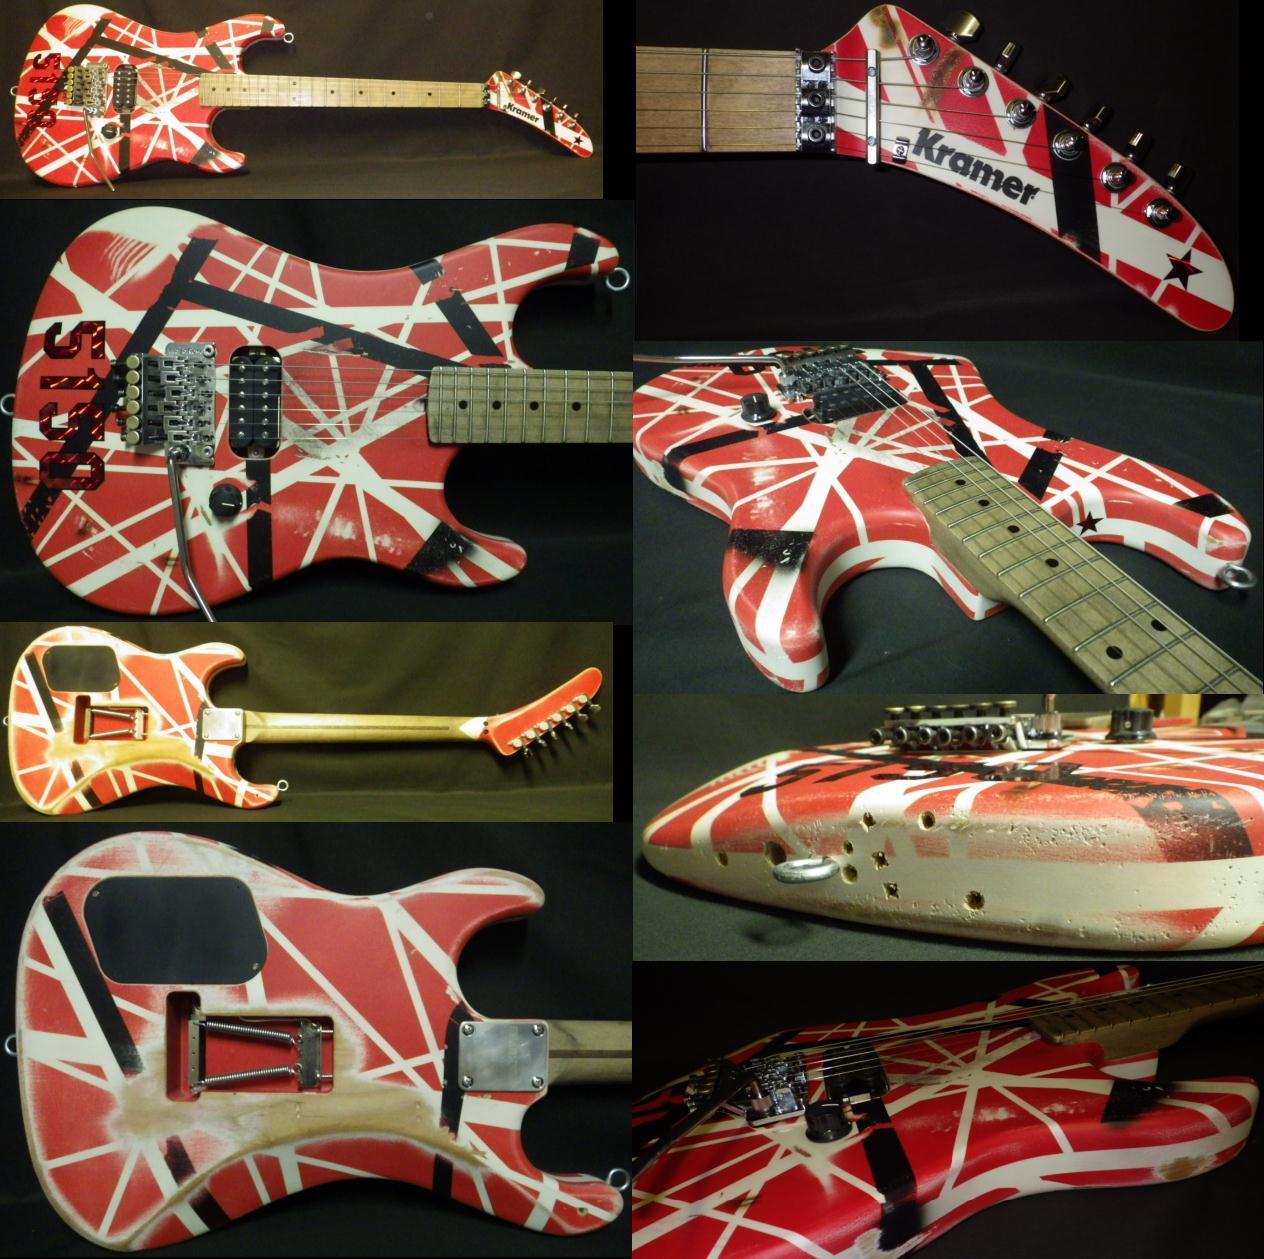 Mean Street Guitars Tour Model 5150 Relic SEG.jpg